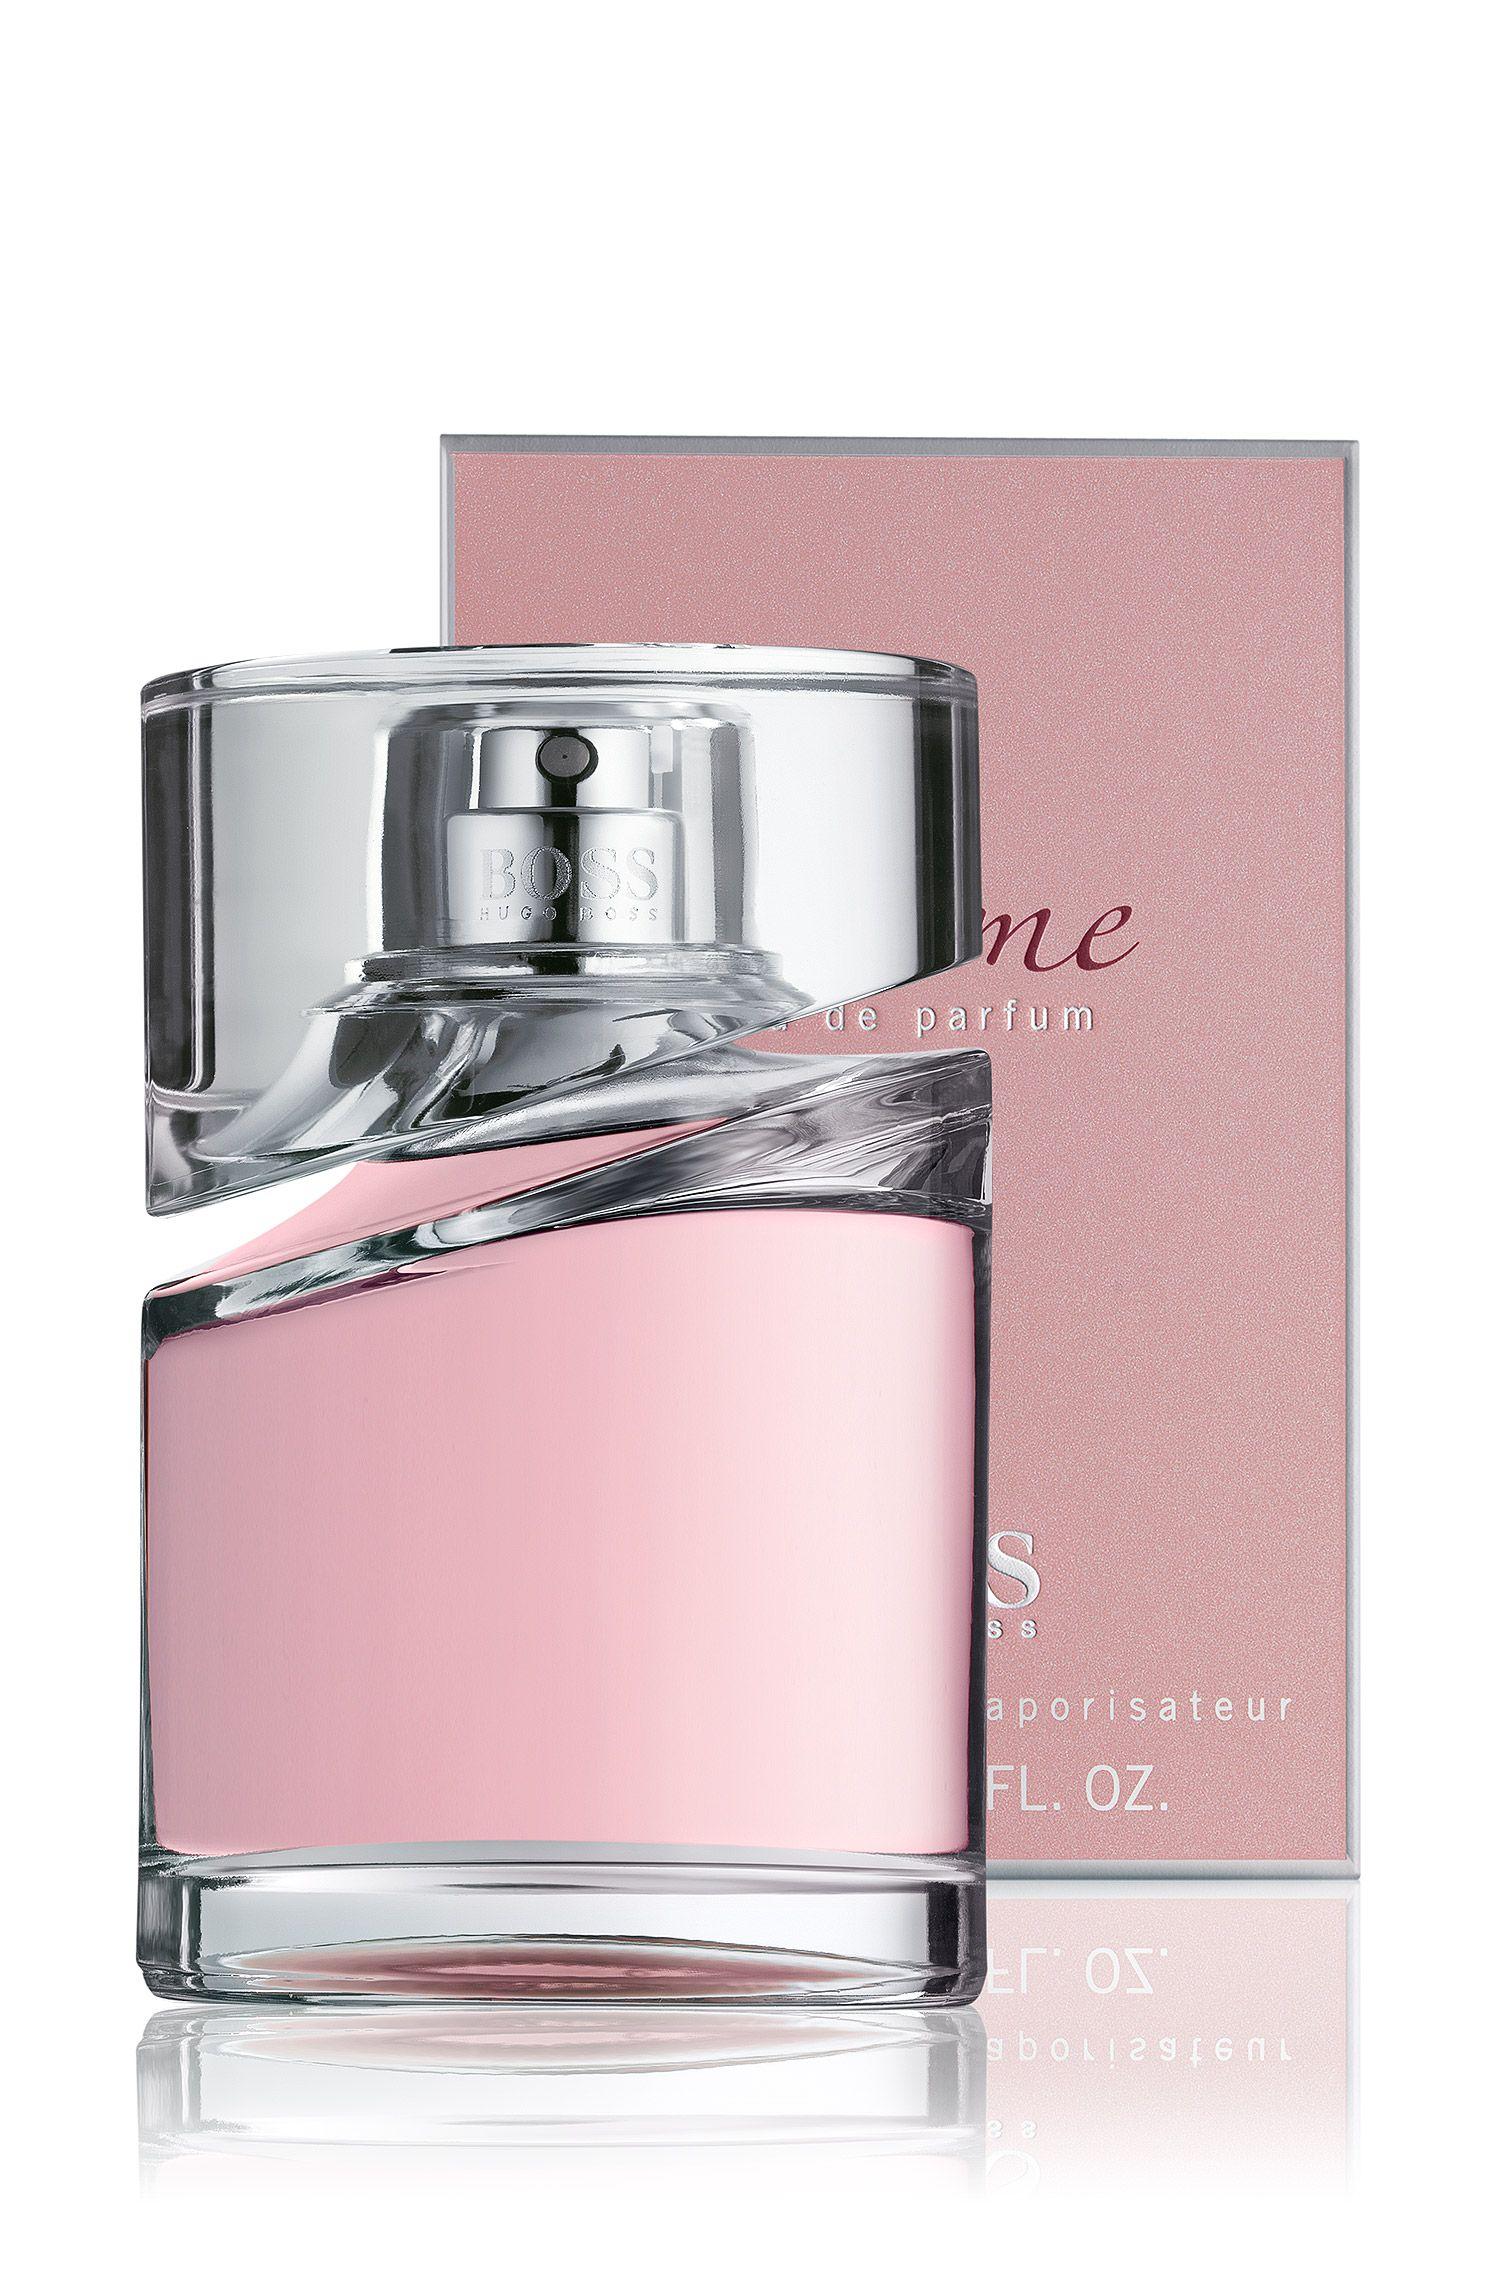 Femme by BOSS eau de parfum 75ml